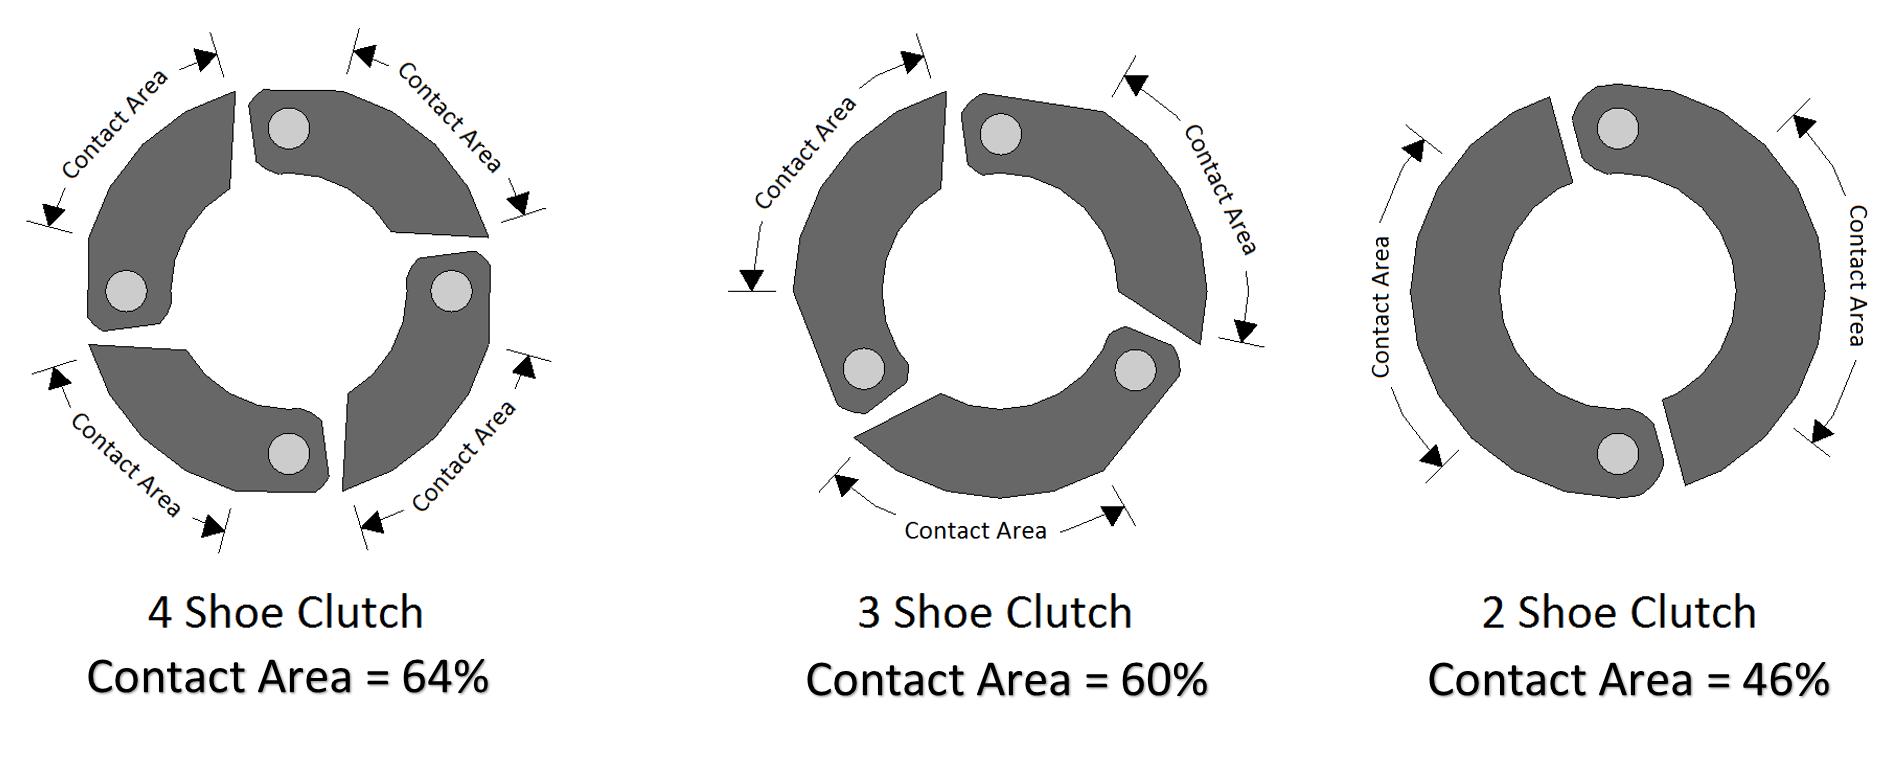 3 shoe clutch vs 4 shoe clutch rc tech forums 3 shoe clutch vs 4 shoe clutch cluch shoes diagramg pooptronica